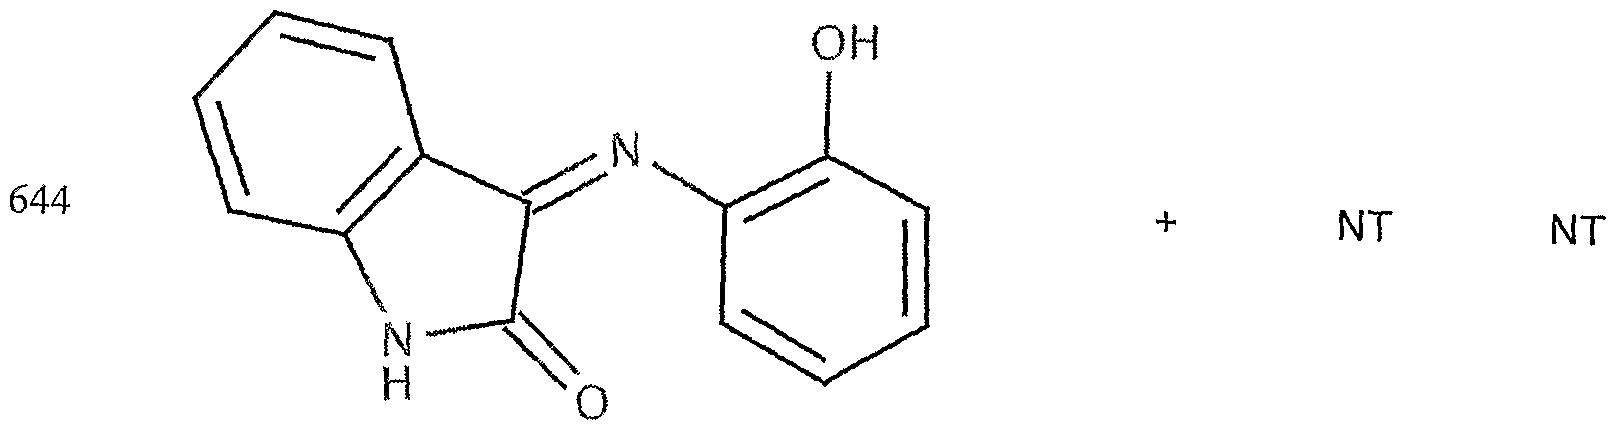 Figure imgf000245_0002